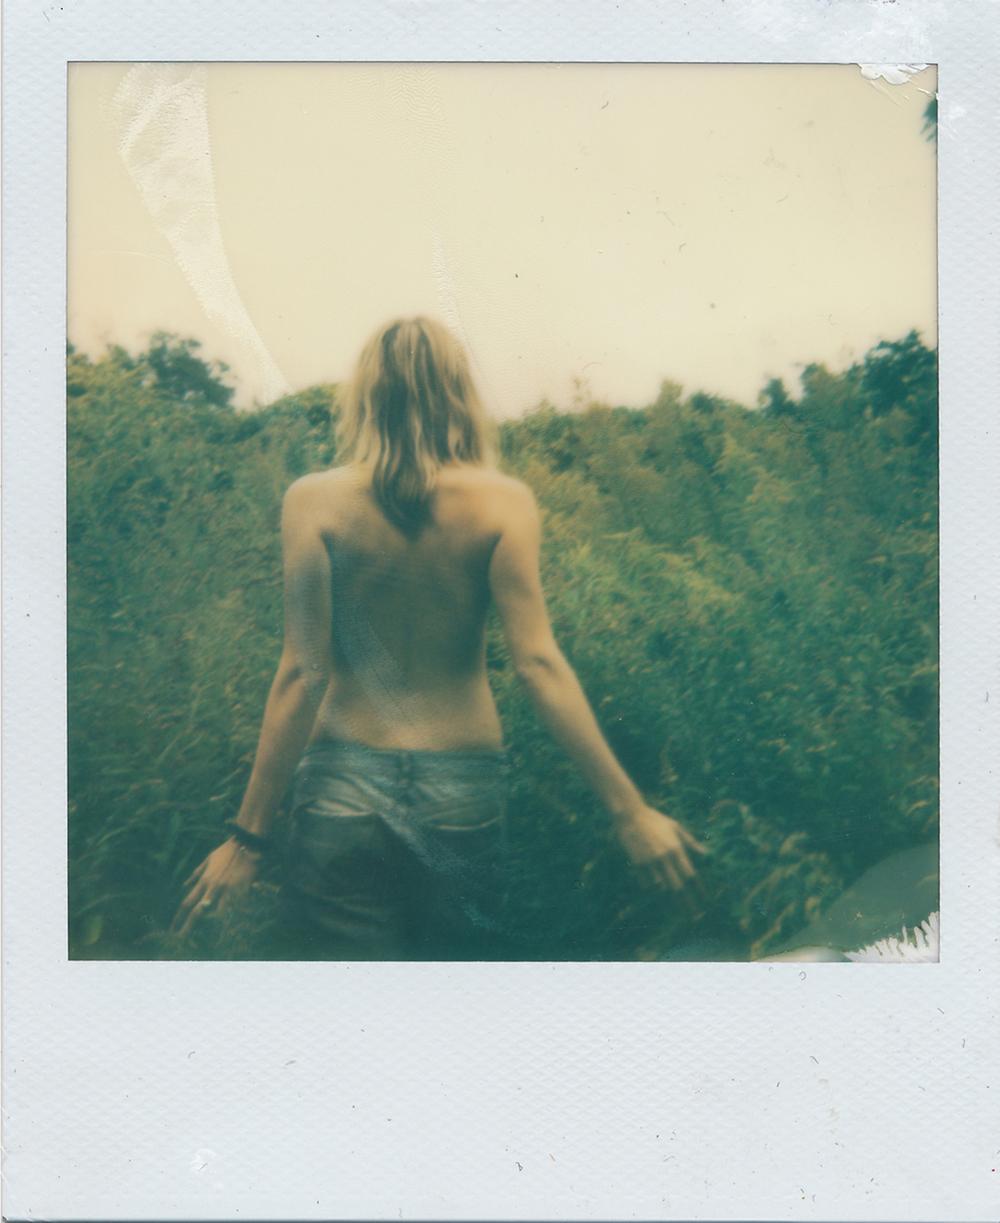 LELA, PROVIDENCE, 2014